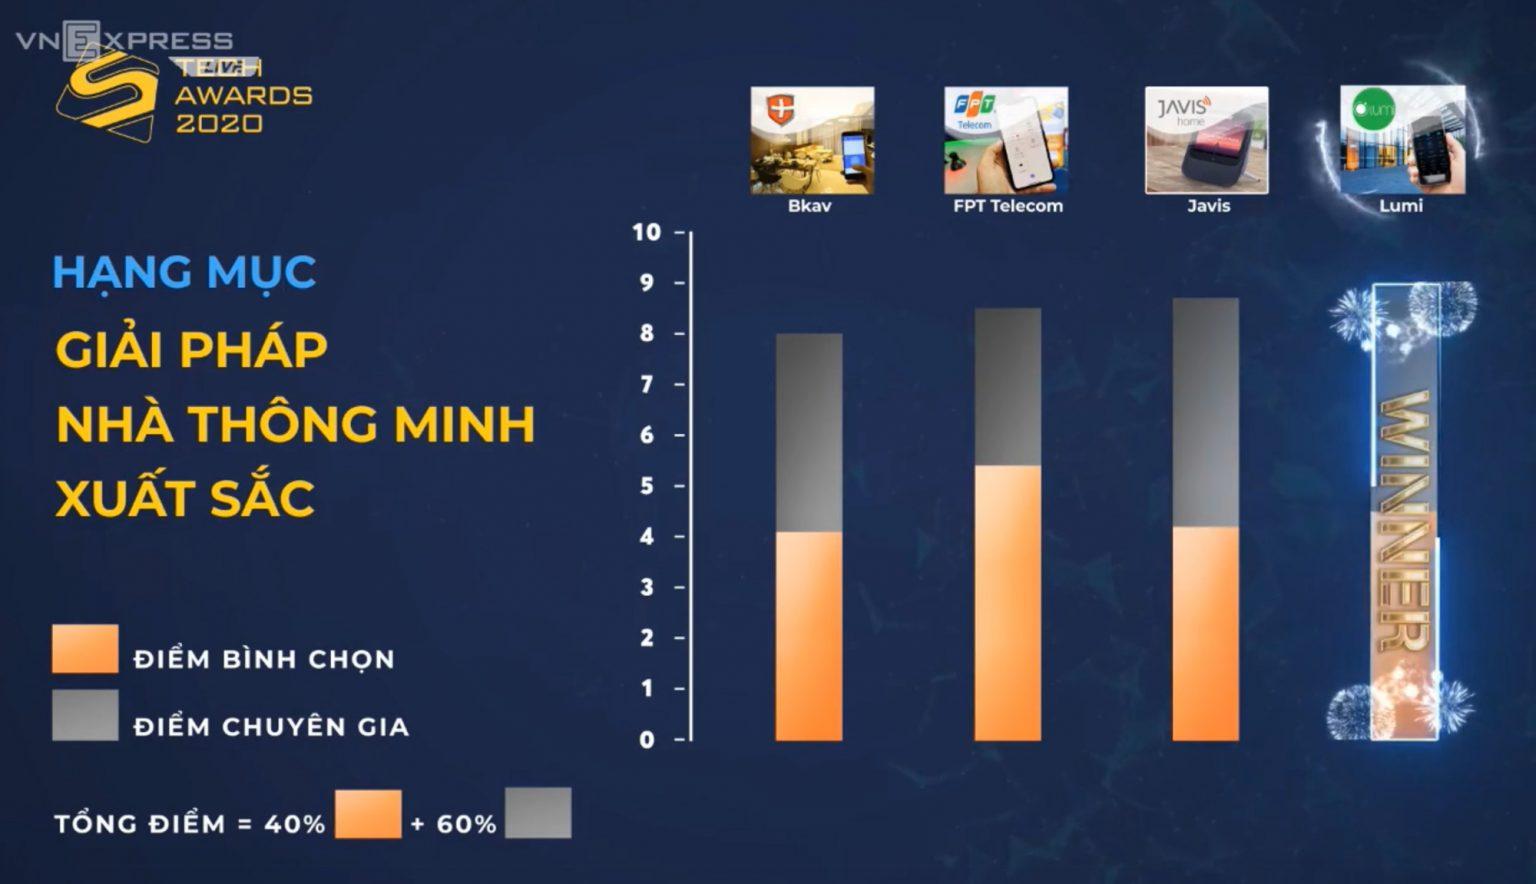 Nhà thông minh LUMI đơn vị dẫn đầu về công nghệ Nhà Thông Minh Việt Nam, Công ty Tenki